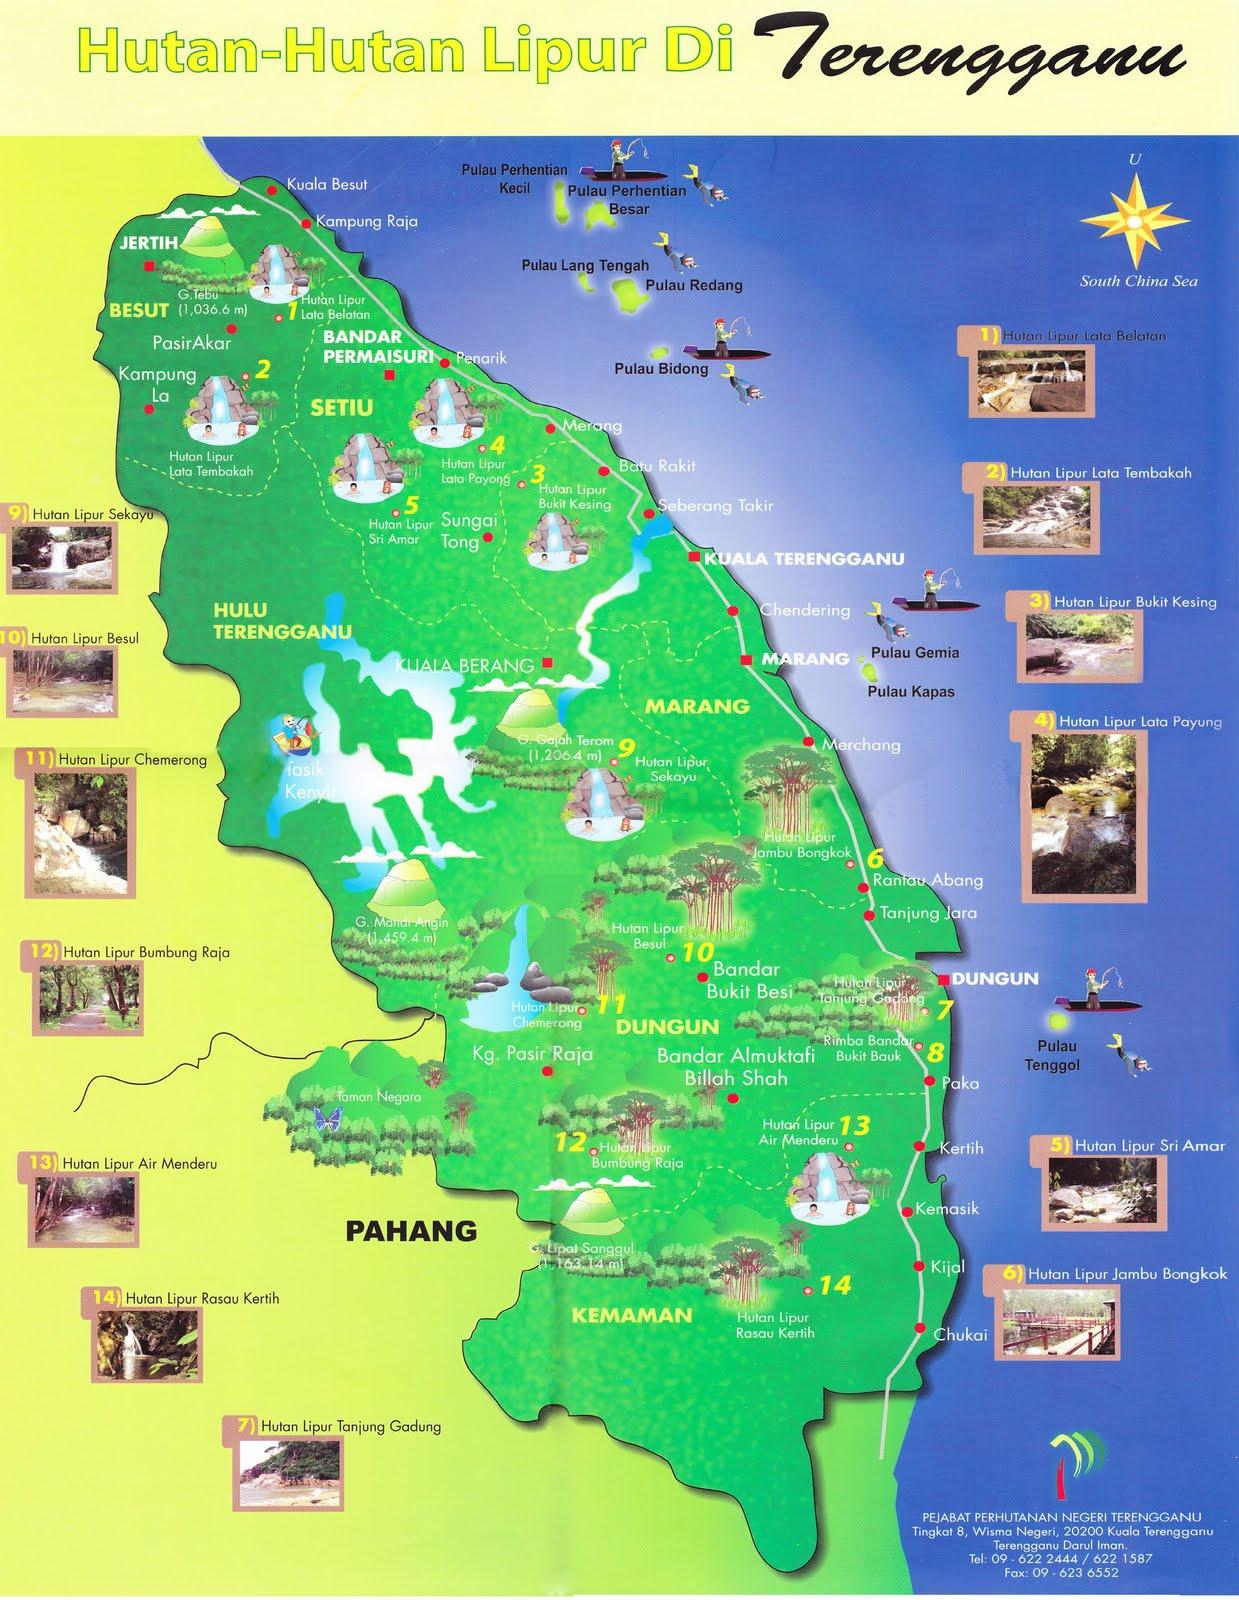 Majlis Daerah Kuala Terengganu : Jawatan Kosong di Majlis